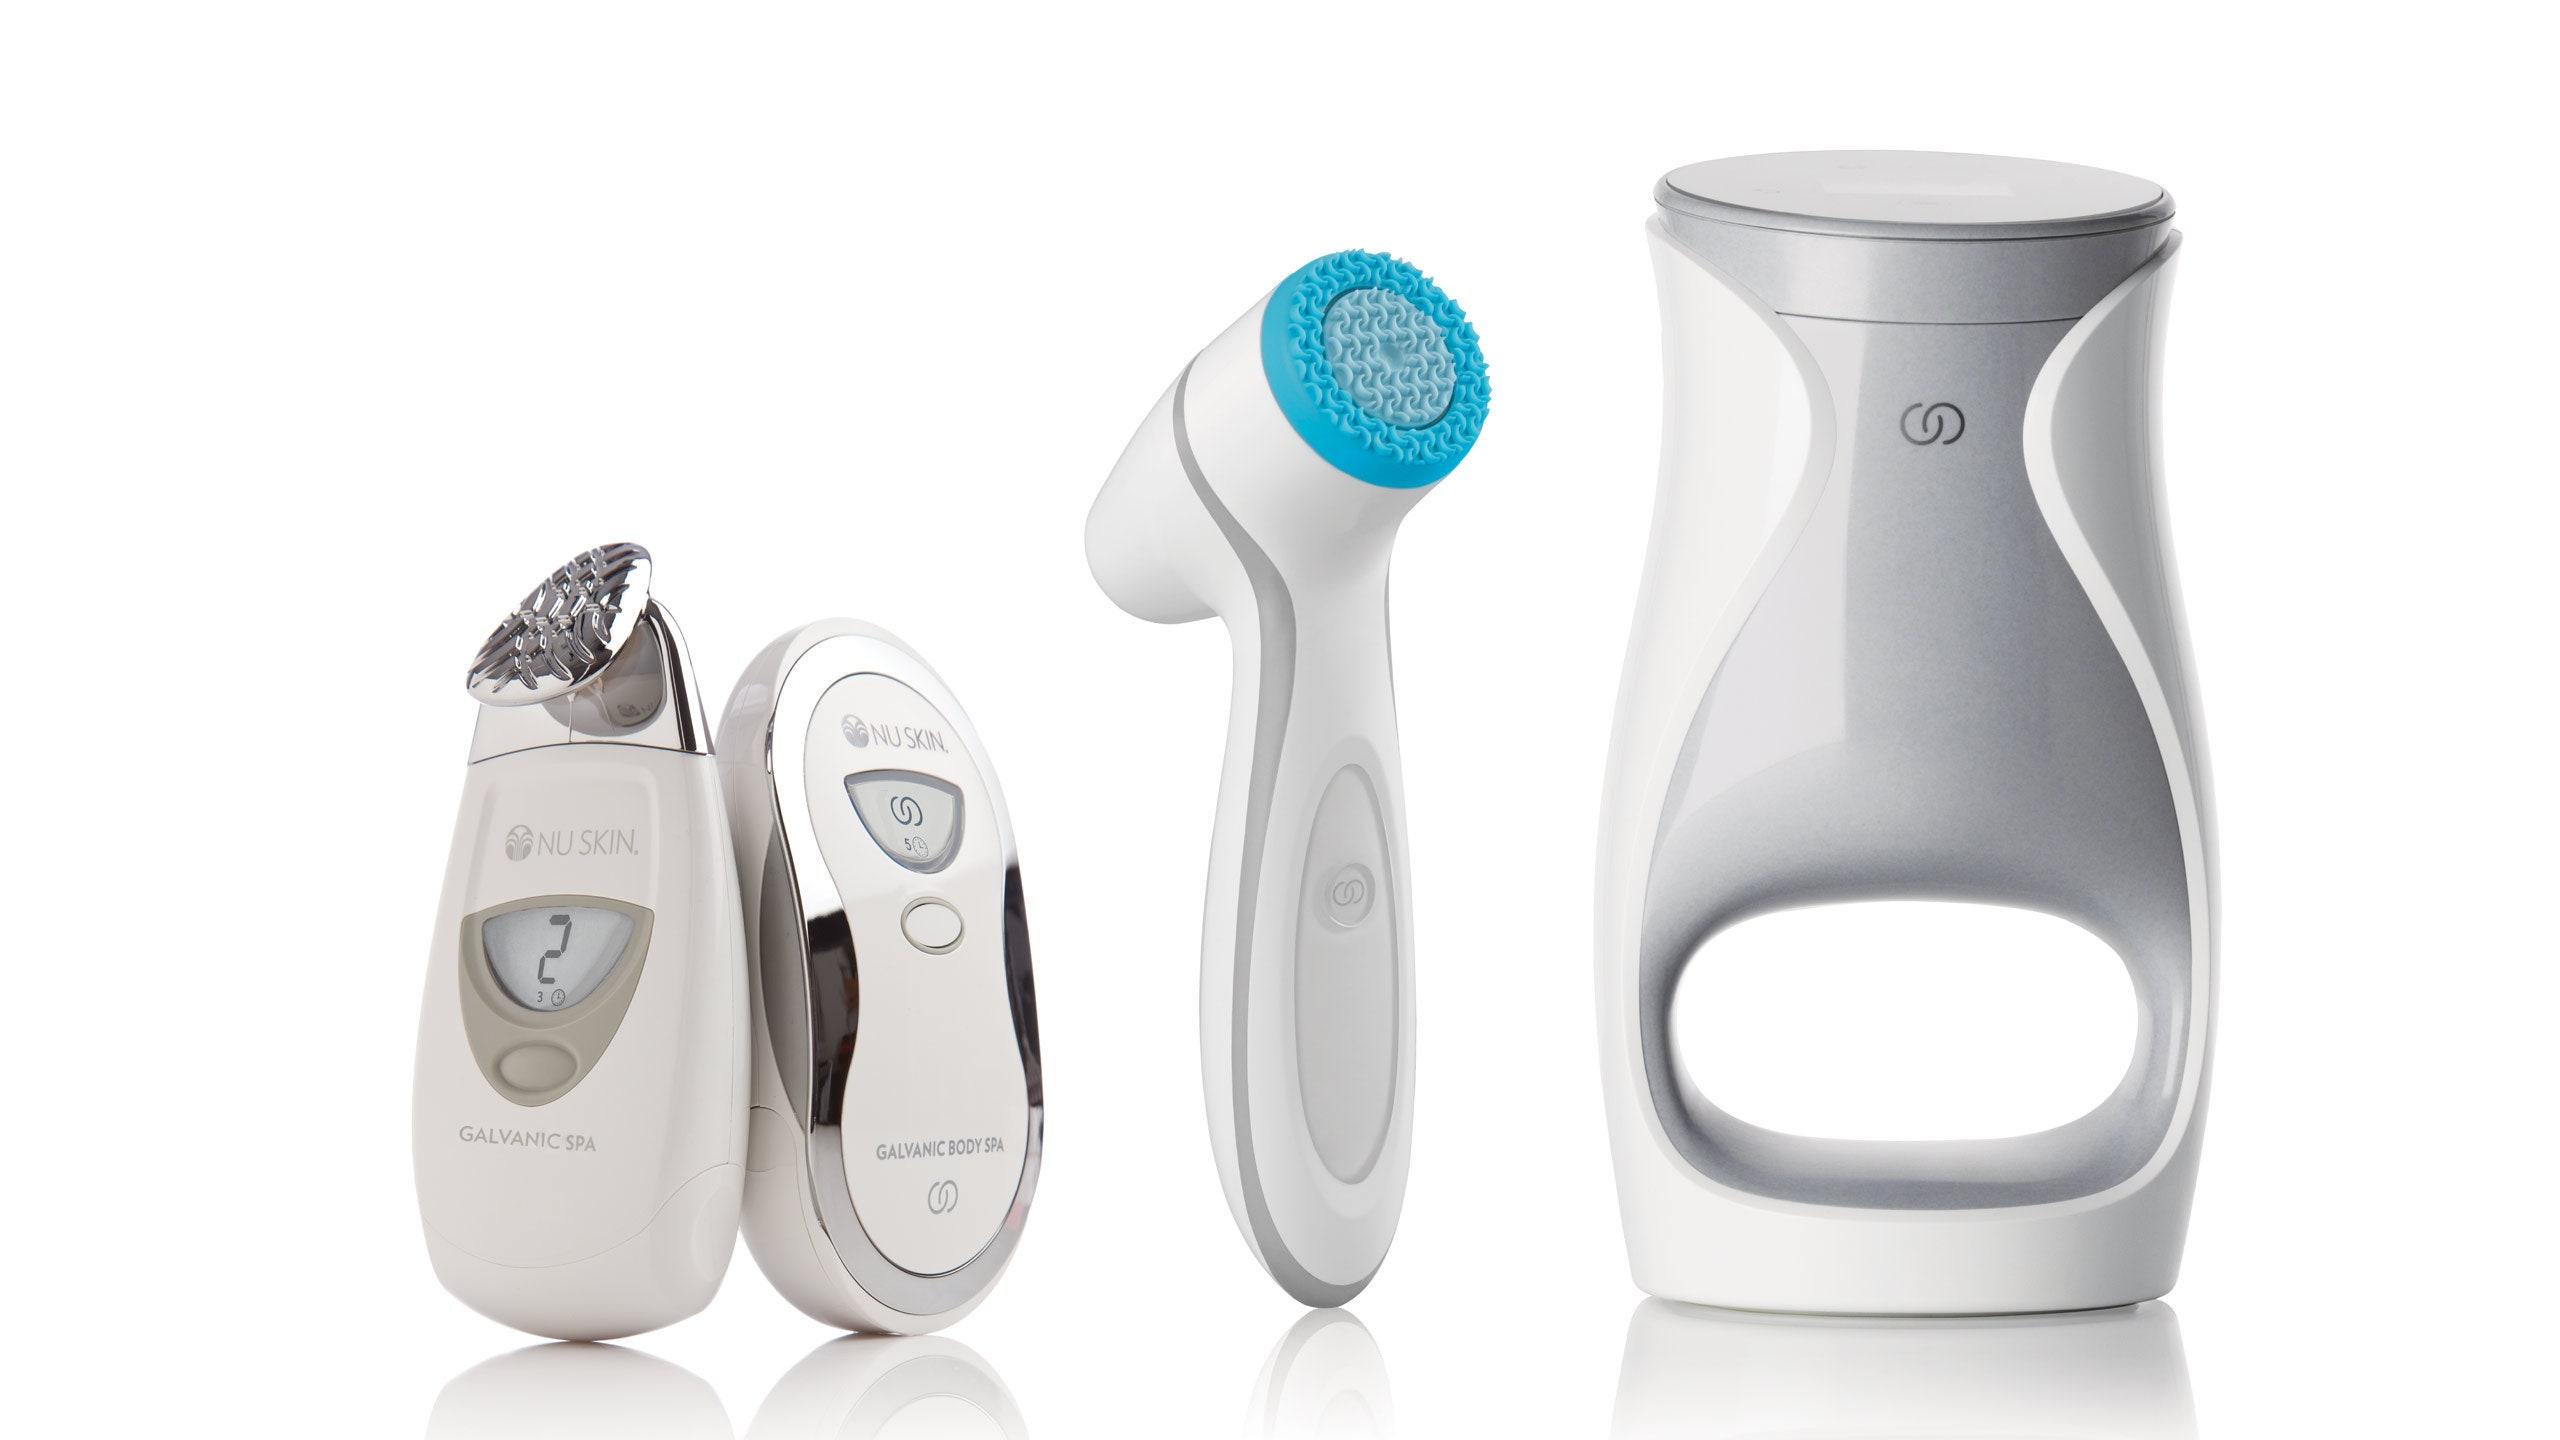 La LumiSpa, su producto insignia, promueve la remoción de suciedad, grasa, maquillaje y células muertas